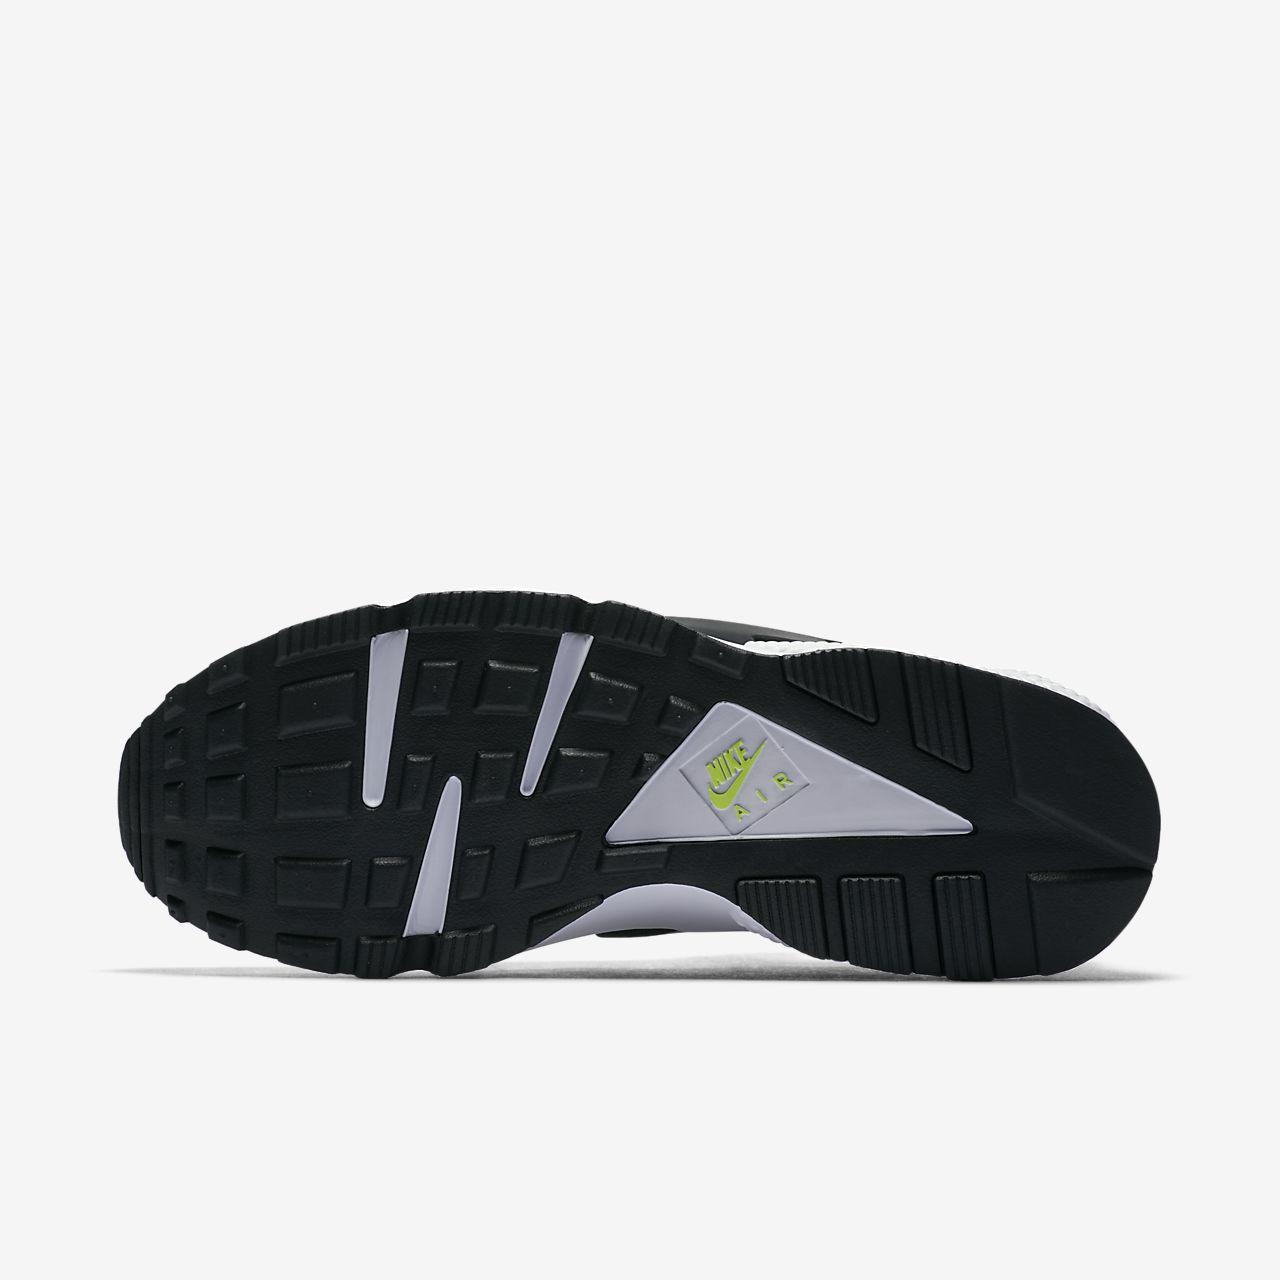 Acquista 2 OFF QUALSIASI scarpe huarache spot CASE E OTTIENI IL 70 ... 797ebae160a